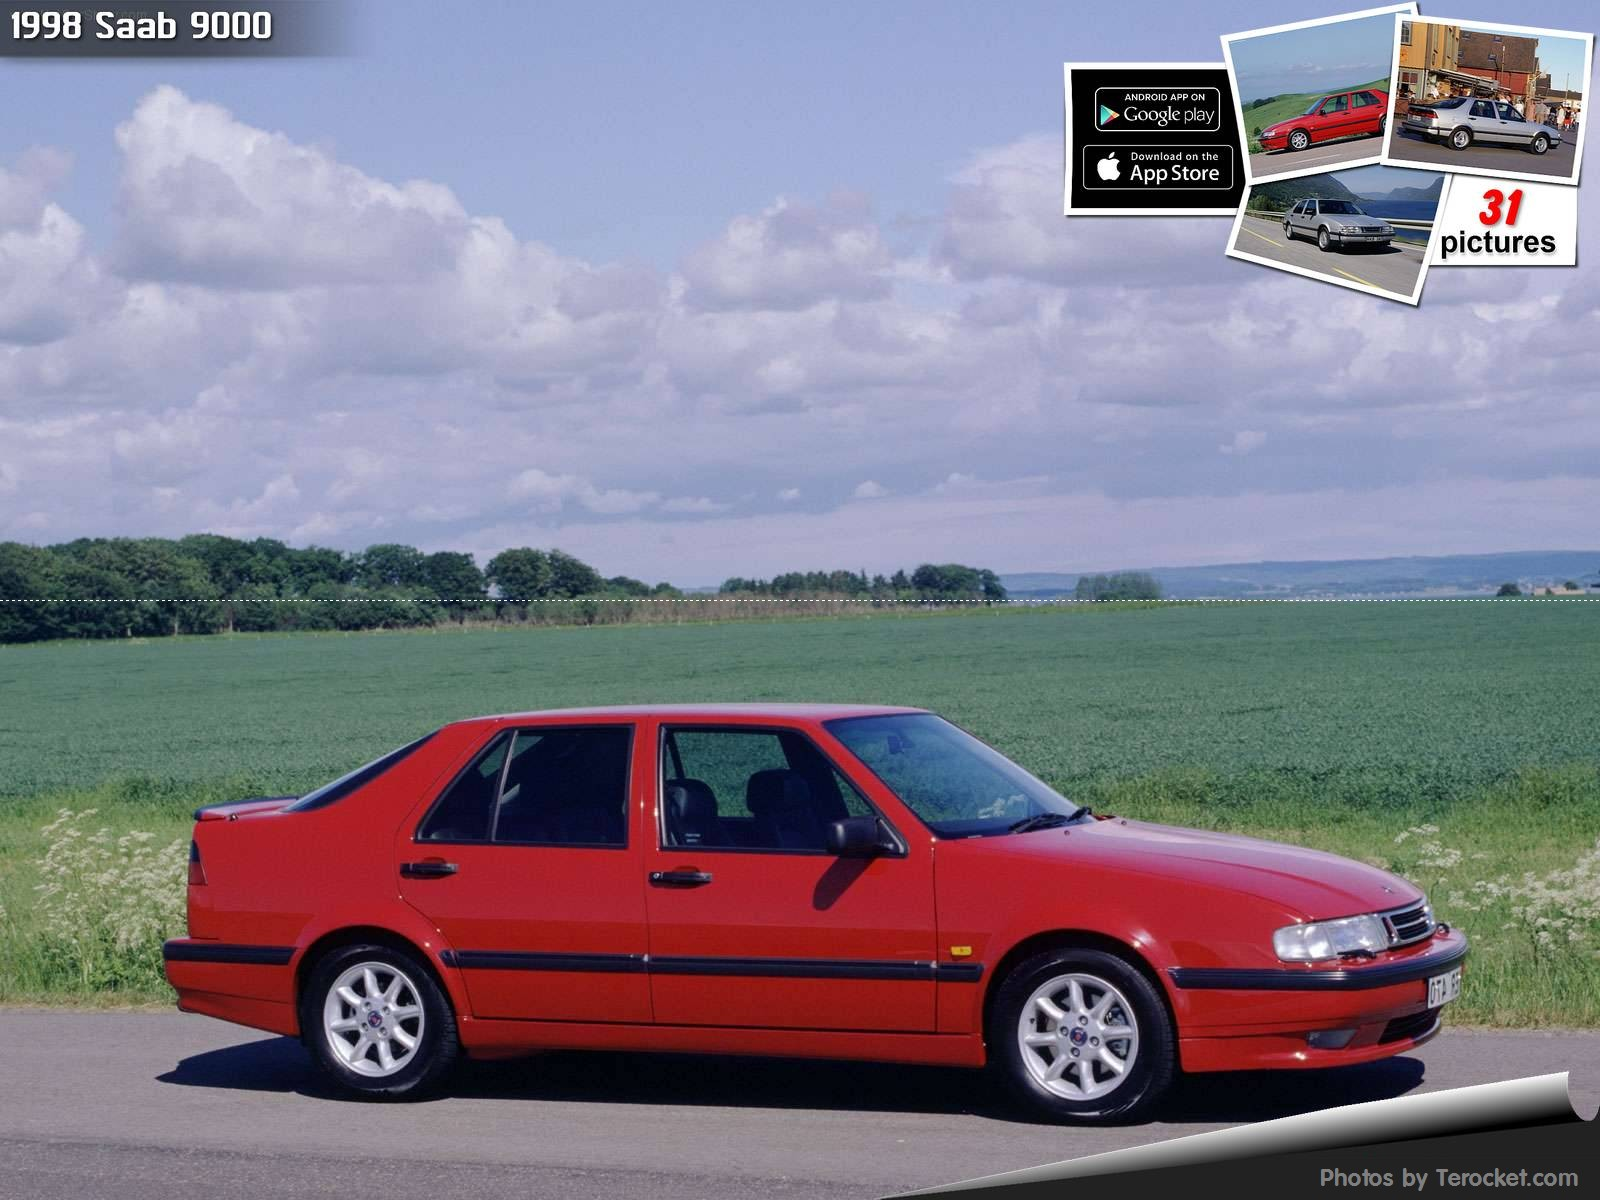 Hình ảnh xe ô tô Saab 9000 1998 & nội ngoại thất